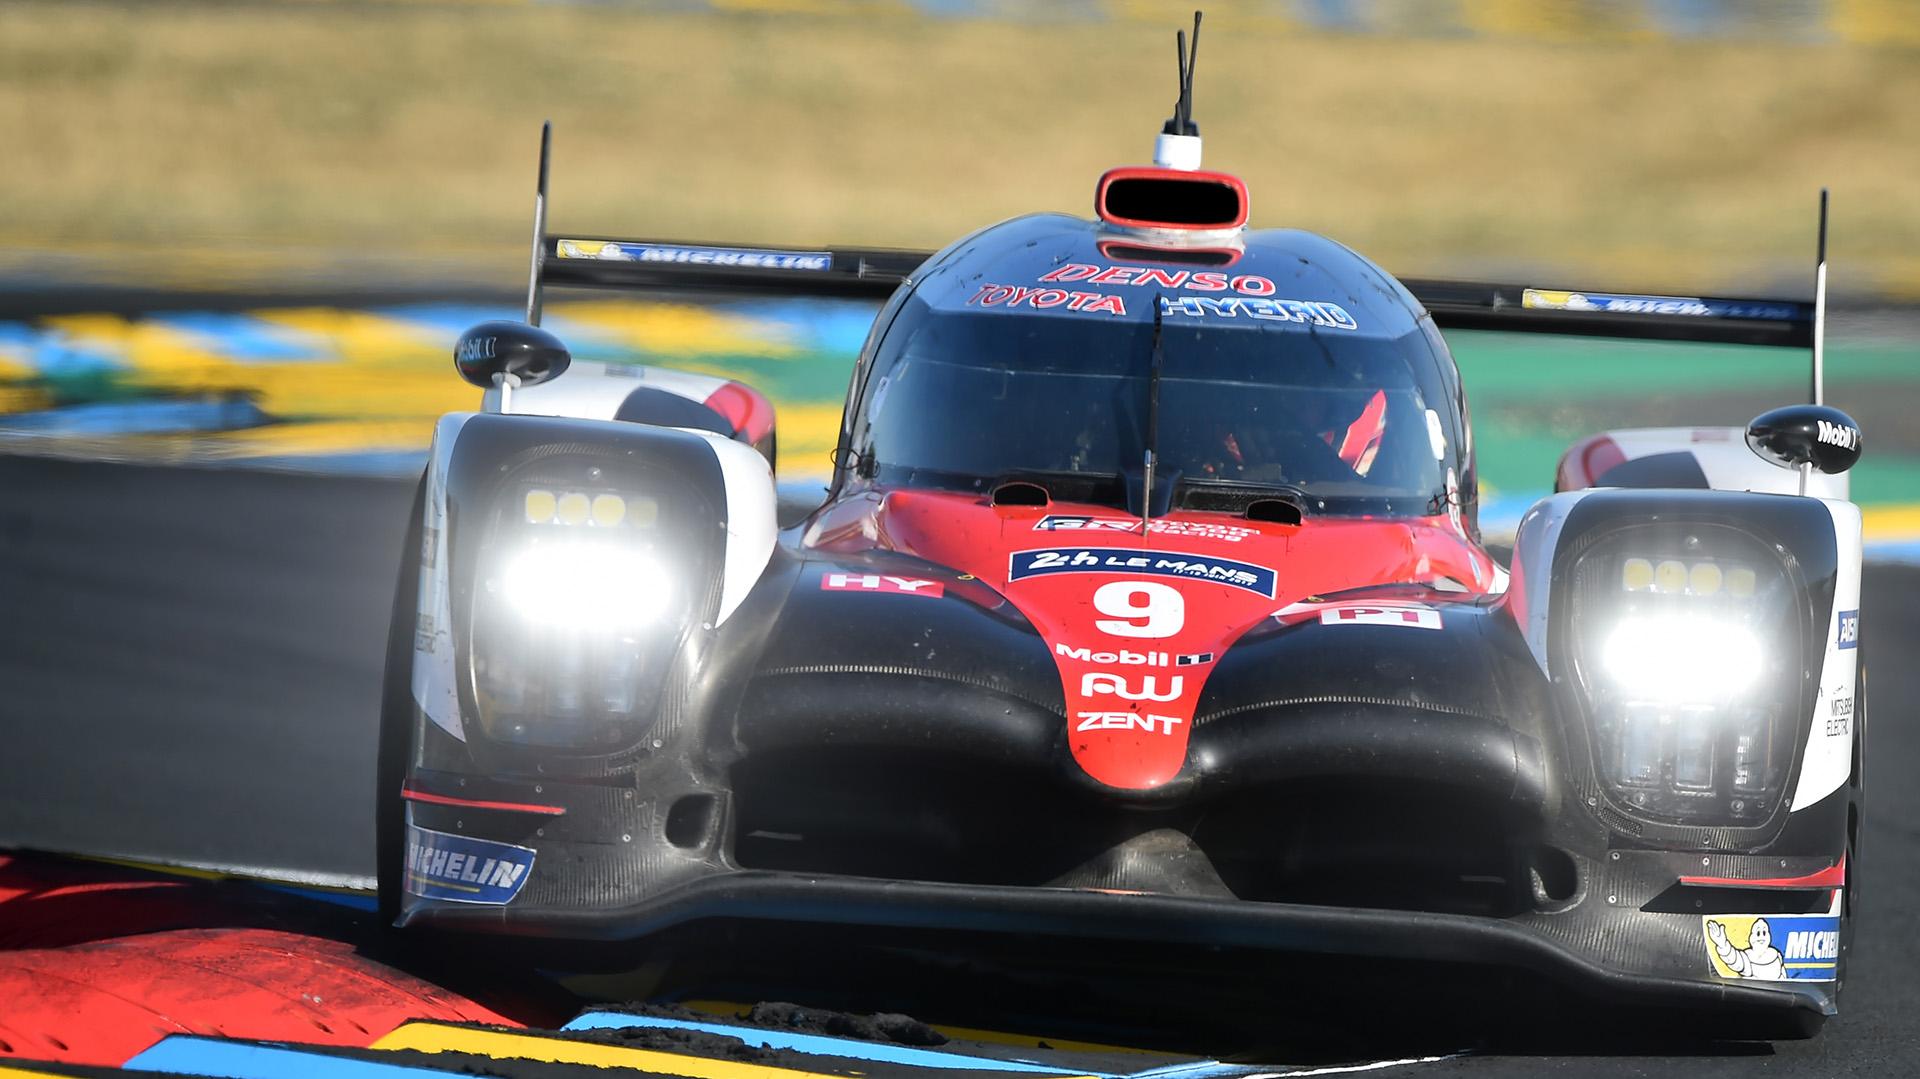 Jose María Lopez en su Toyota TS050 Hybrid N°9 durante las 24 horas de Le Mans(AFP)